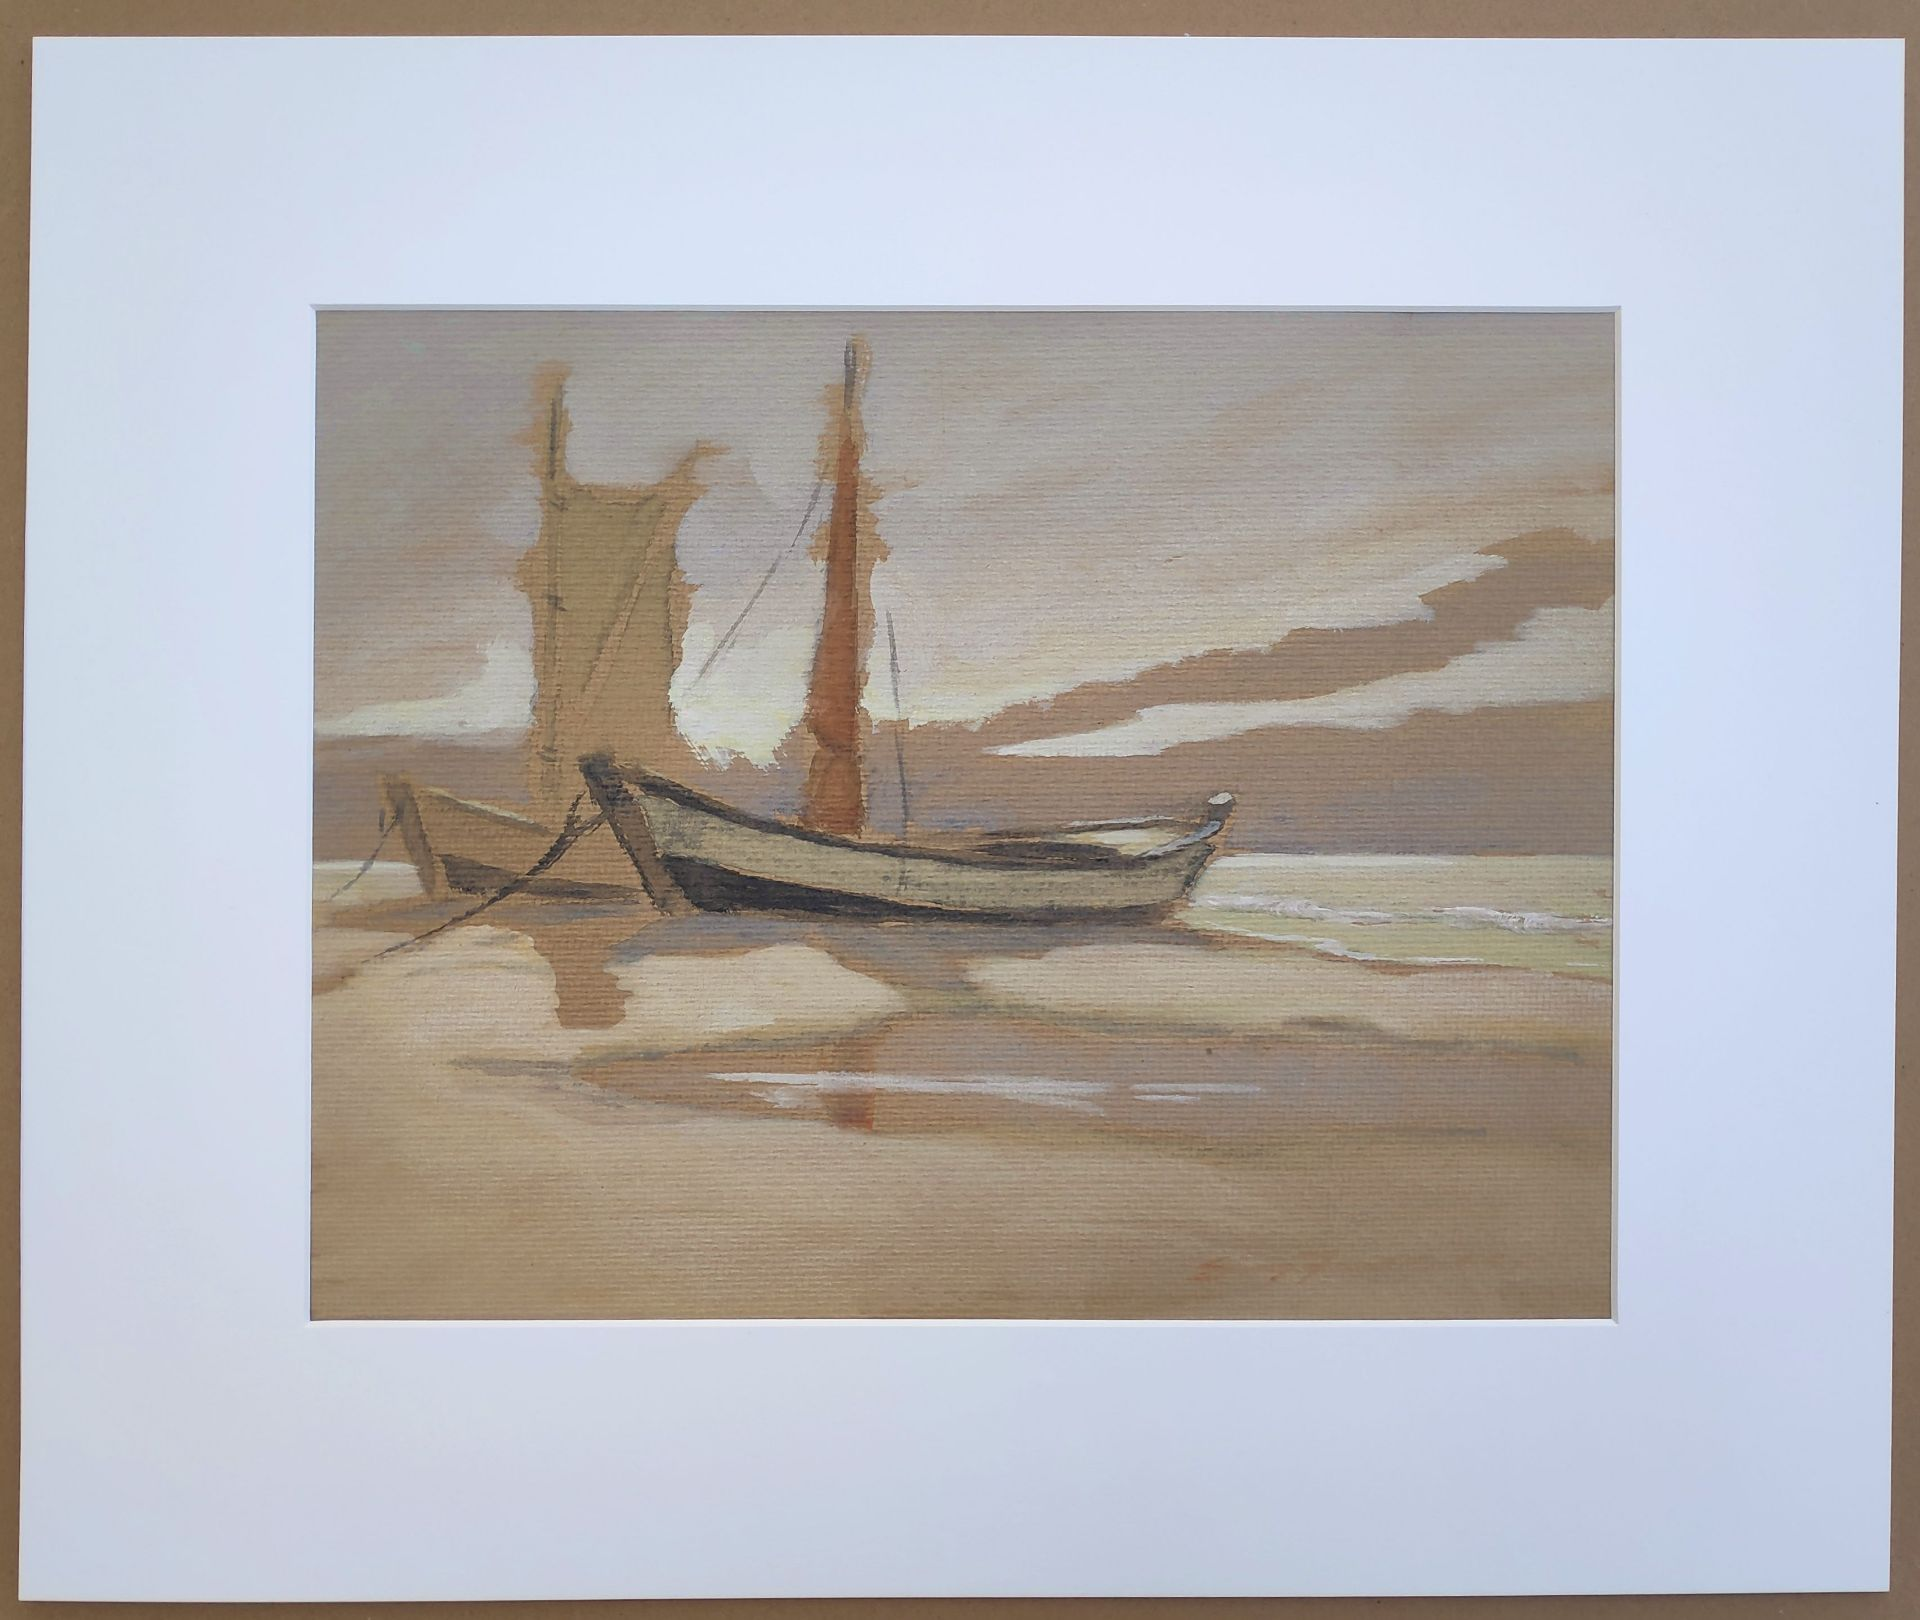 """Jaeckel, Erich (1901 Ahlbeck - 1947 Bansin) """"Zeesboote am Ostseestrand"""" - Bild 2 aus 5"""